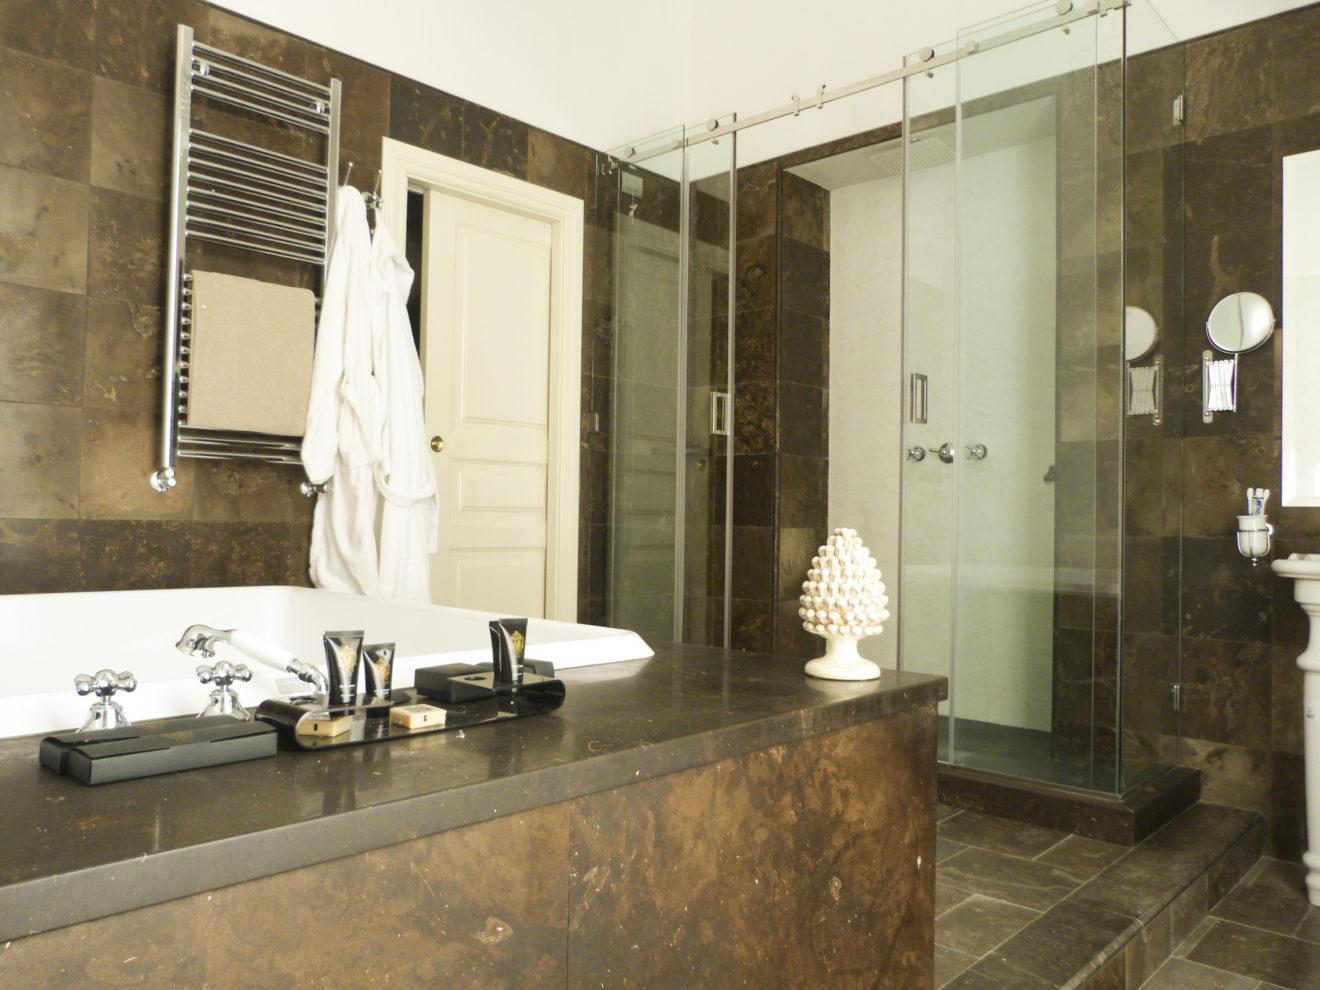 Suite_Cattedrale_6_Gagliardi_Boutique_hotel_noto_centro_Barocco_luxury_lusso_45